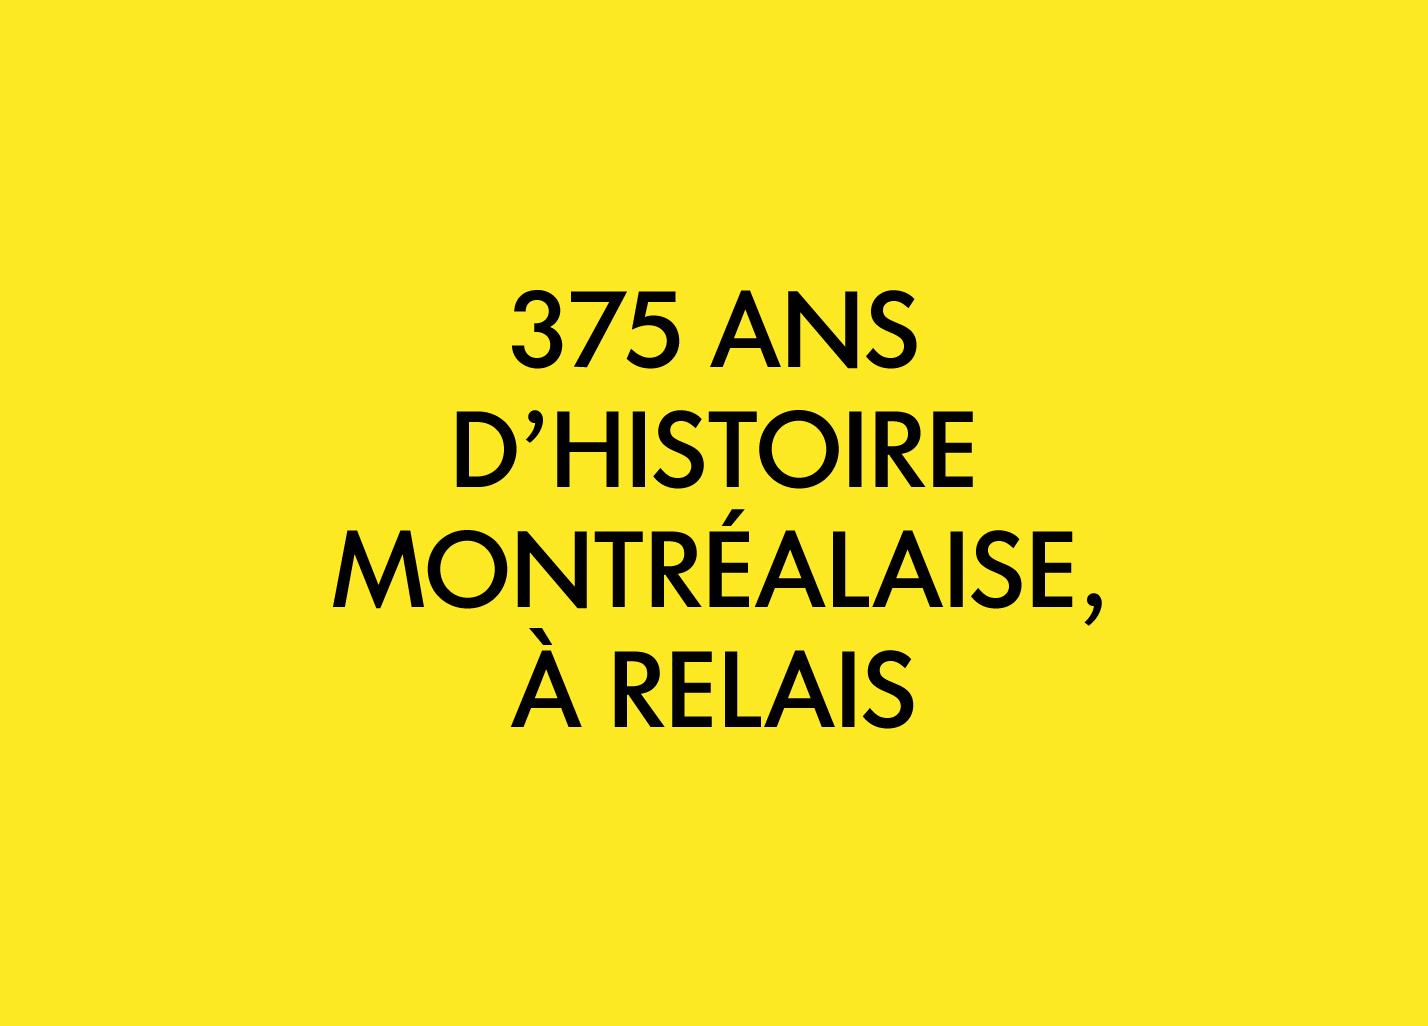 Trois-cent-soixante-quinze ans d'histoire montréalaise, à relais